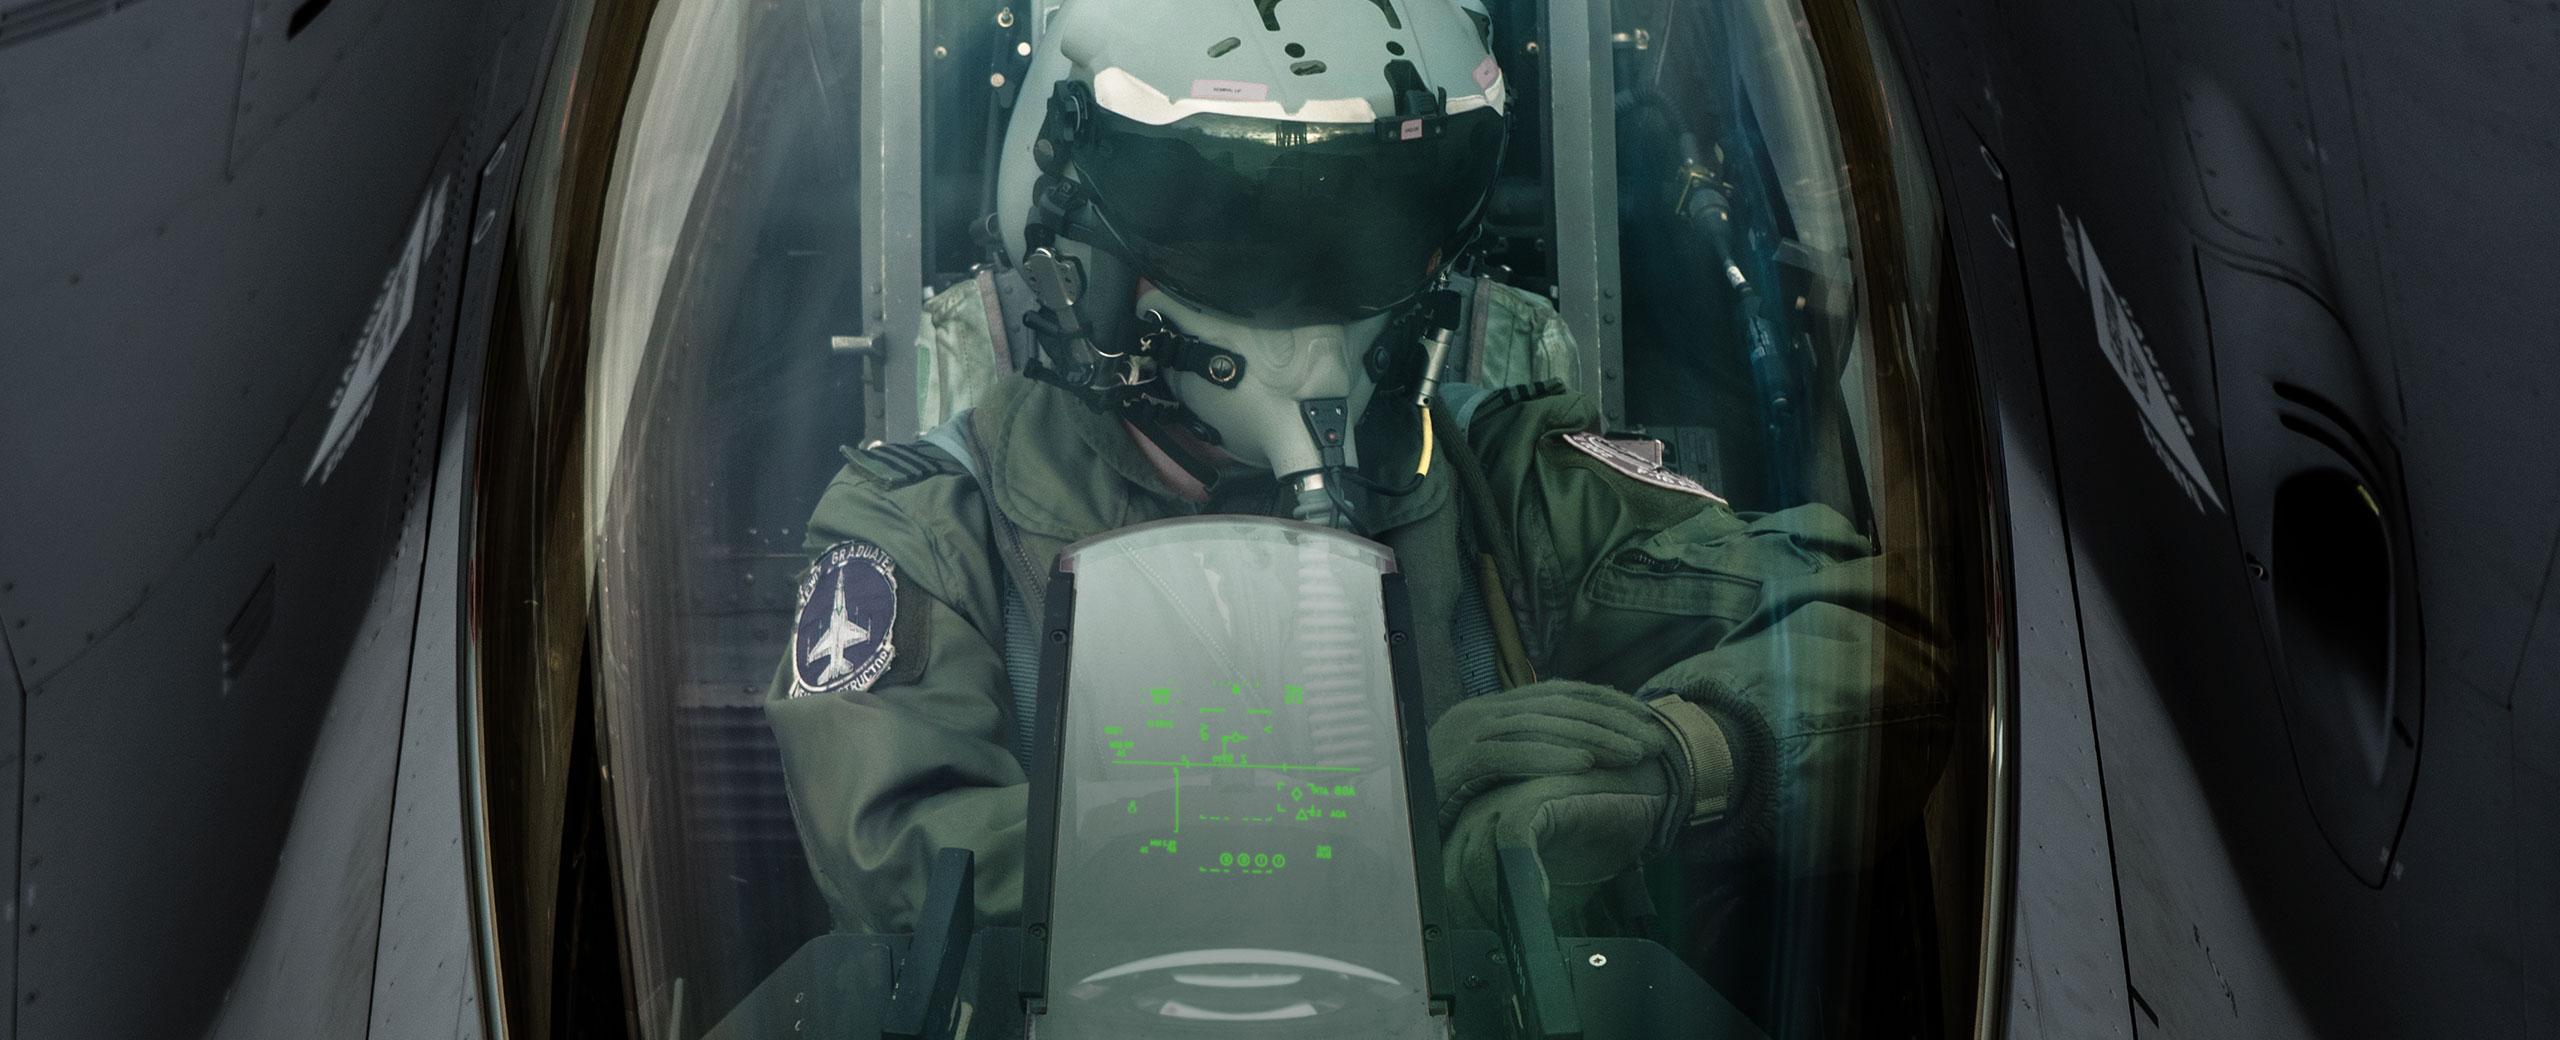 best pilot watches of 2020 under $10k